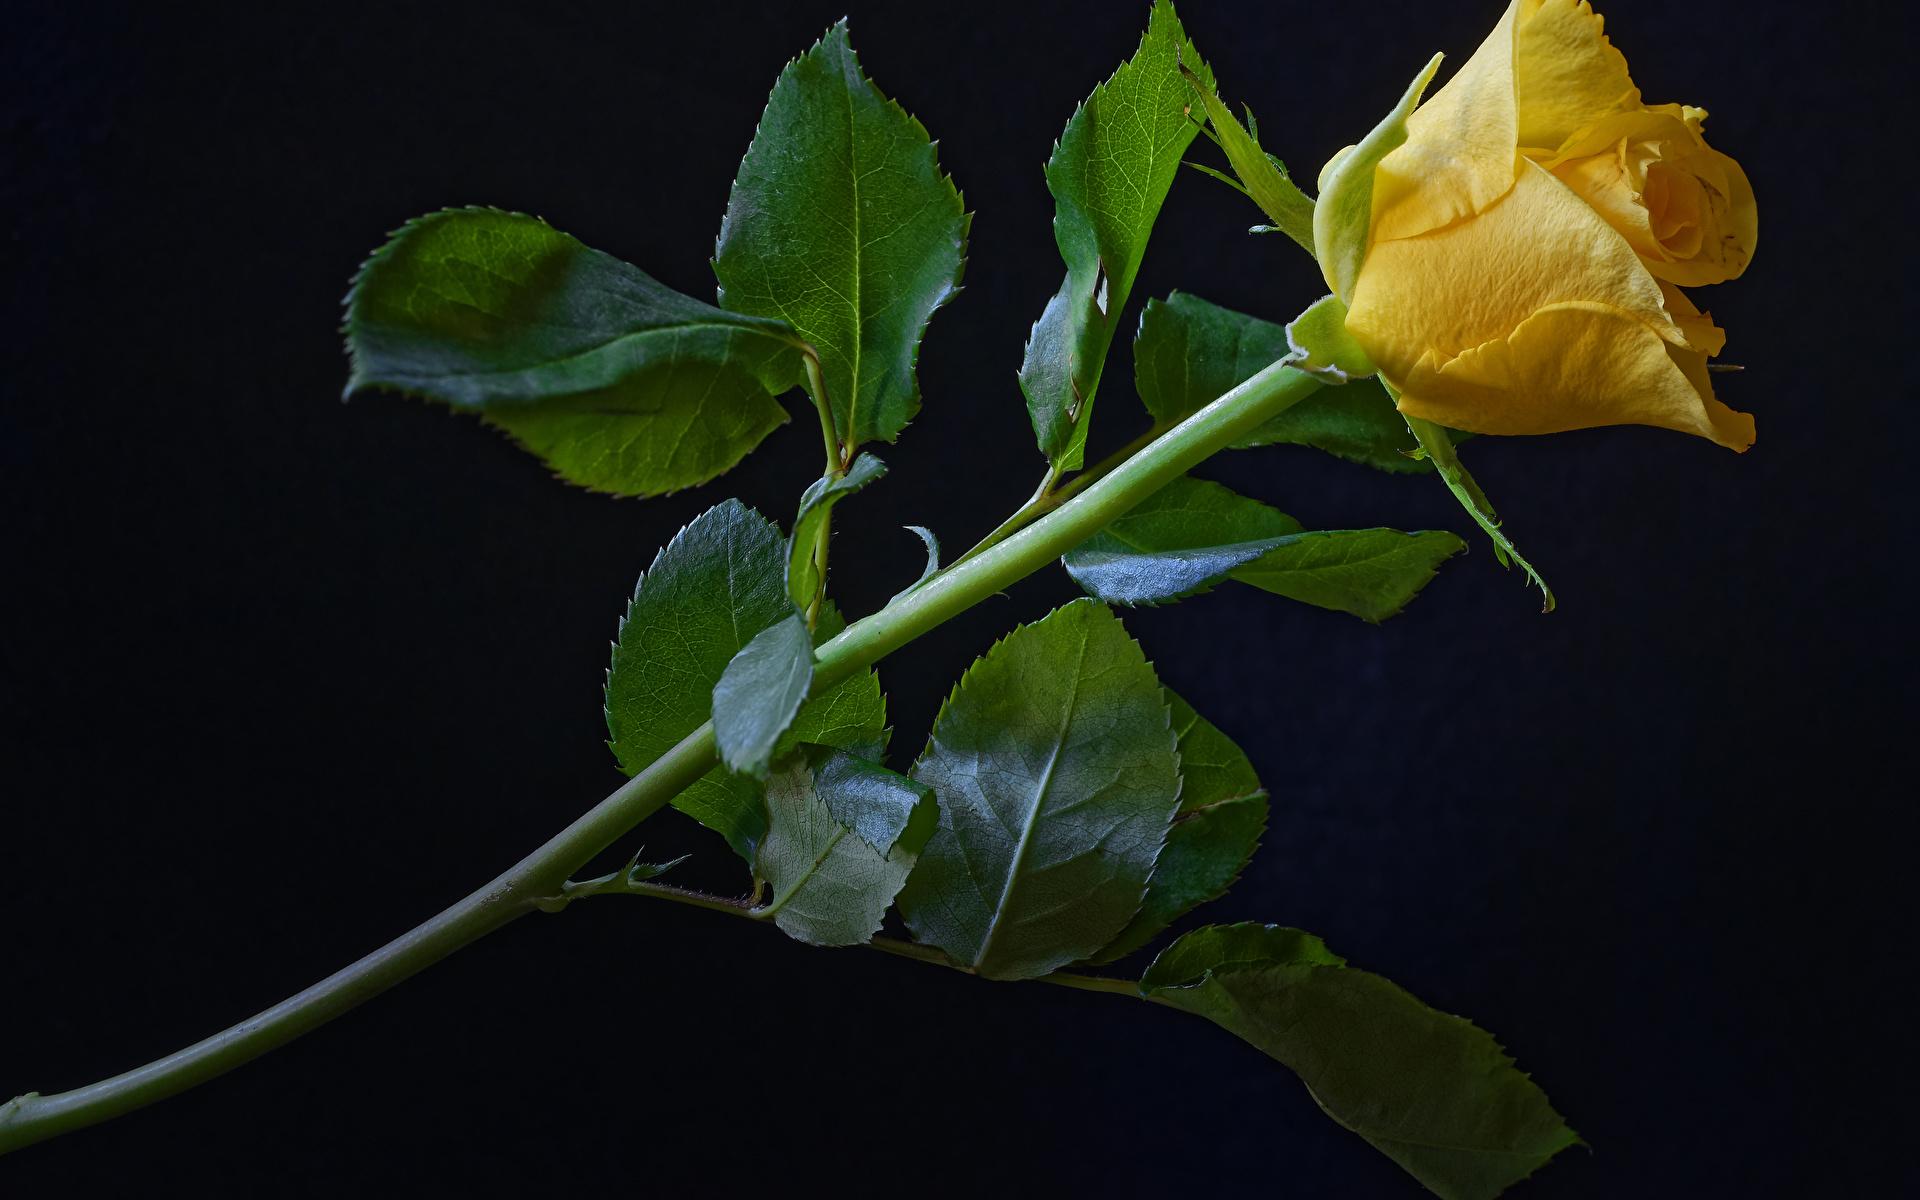 Картинки Розы Желтый Цветы Черный фон Крупным планом 1920x1200 вблизи